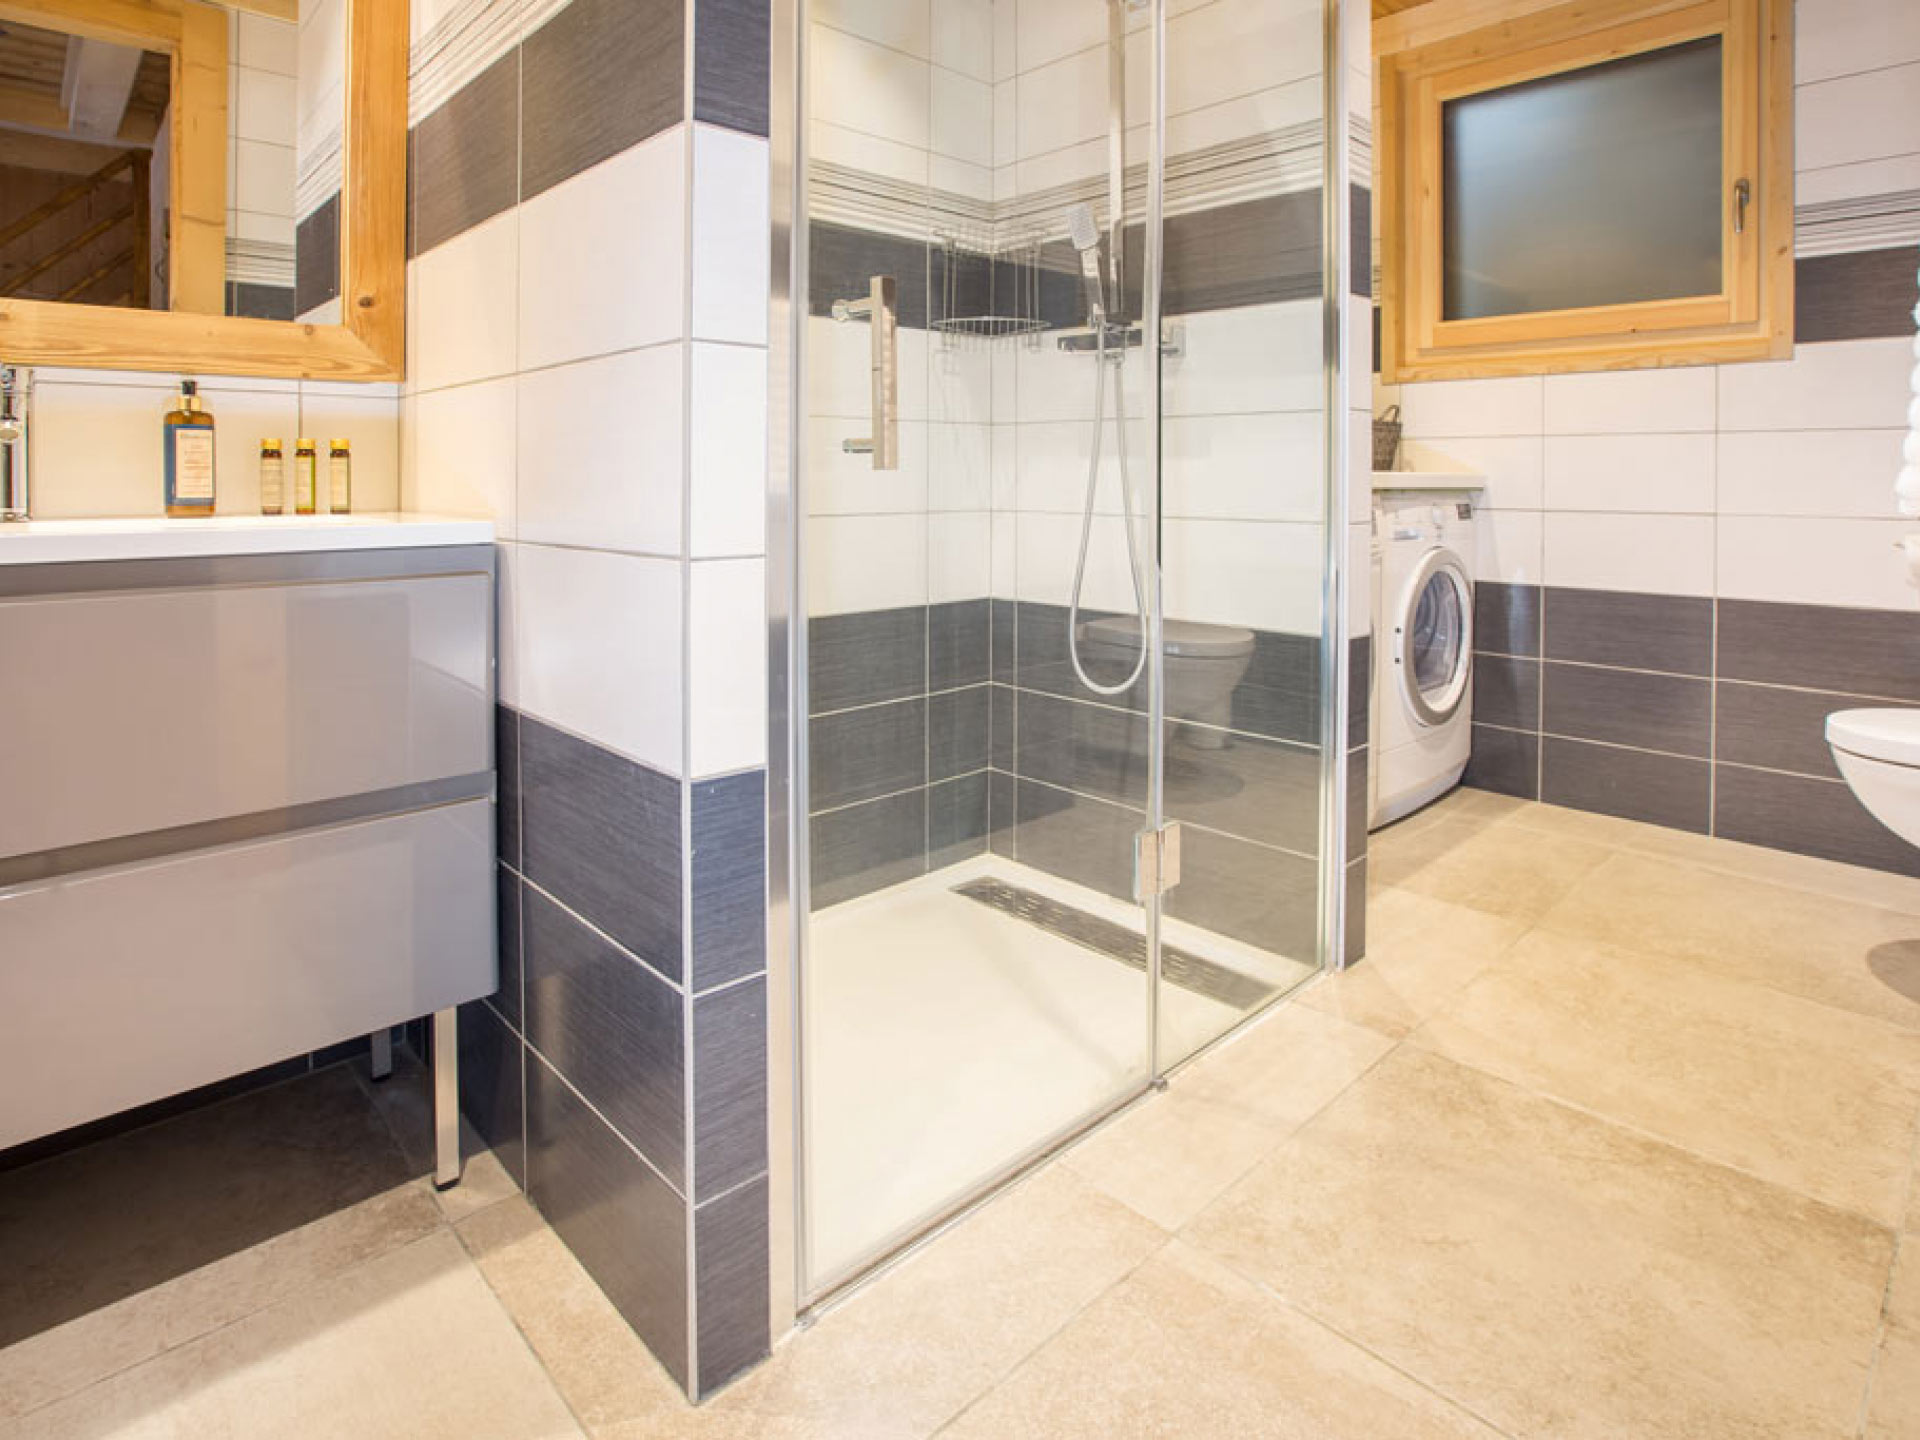 Simply Morzine - Apartment du Centre, Les Gets, Portes du ...